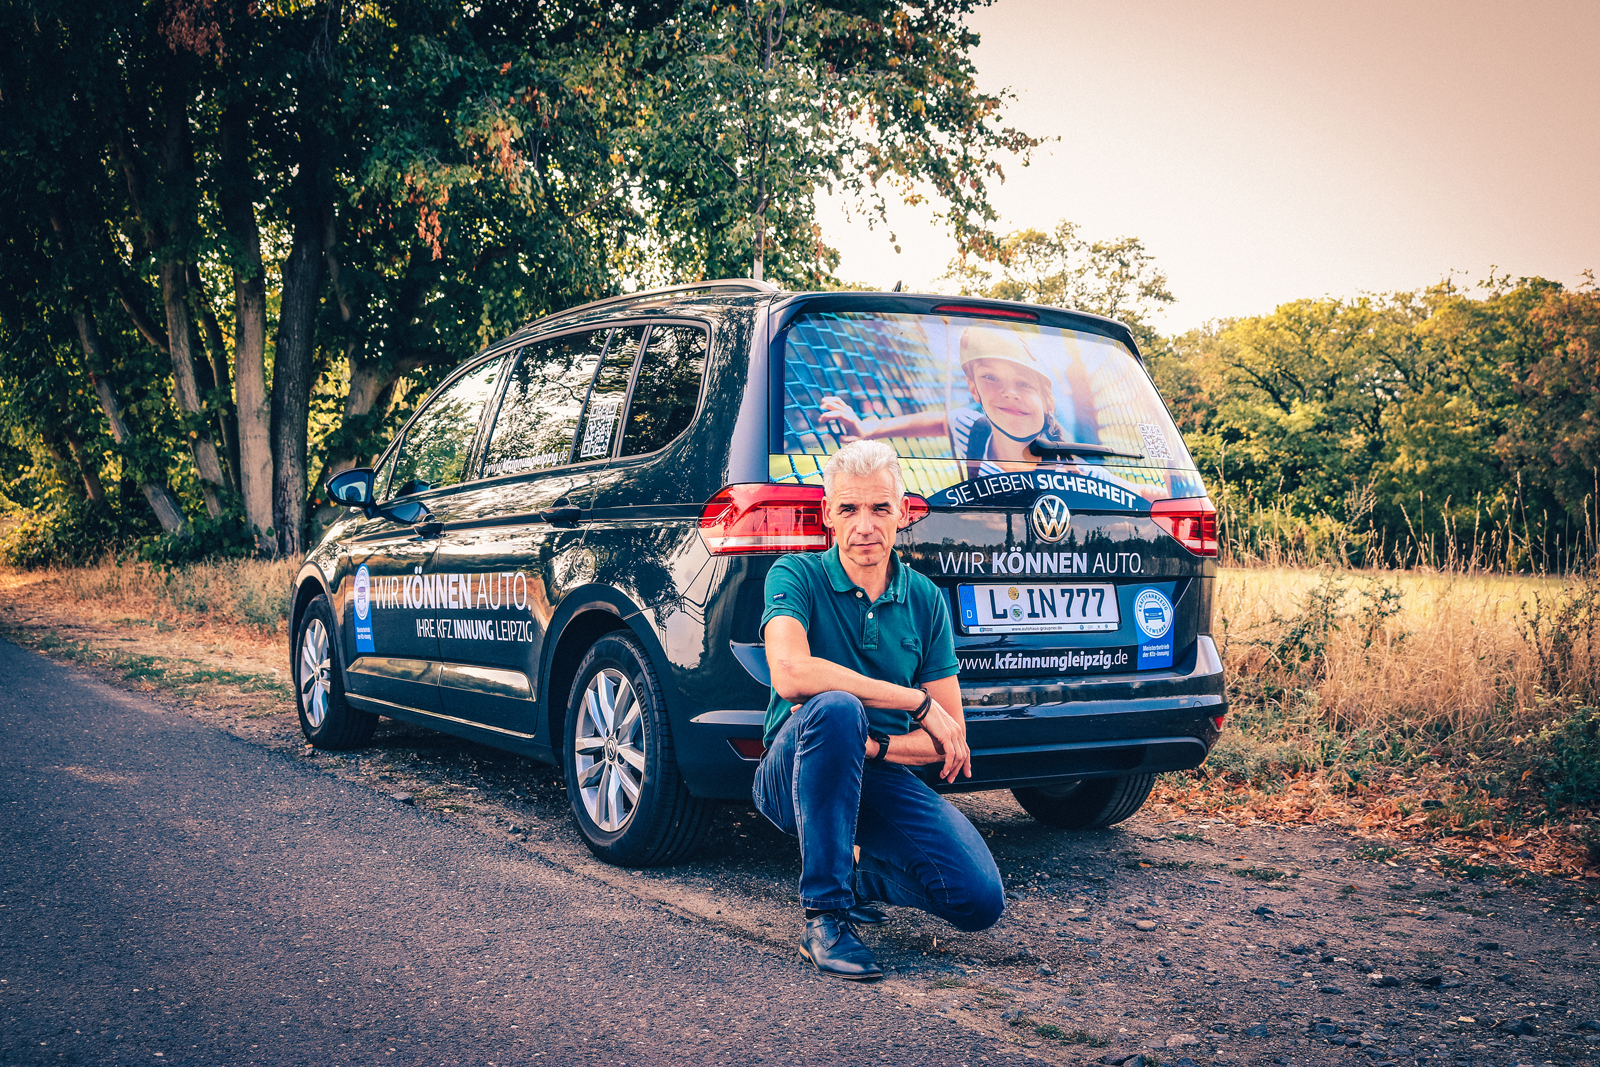 Wir können Auto (Foto: Marc Opre)